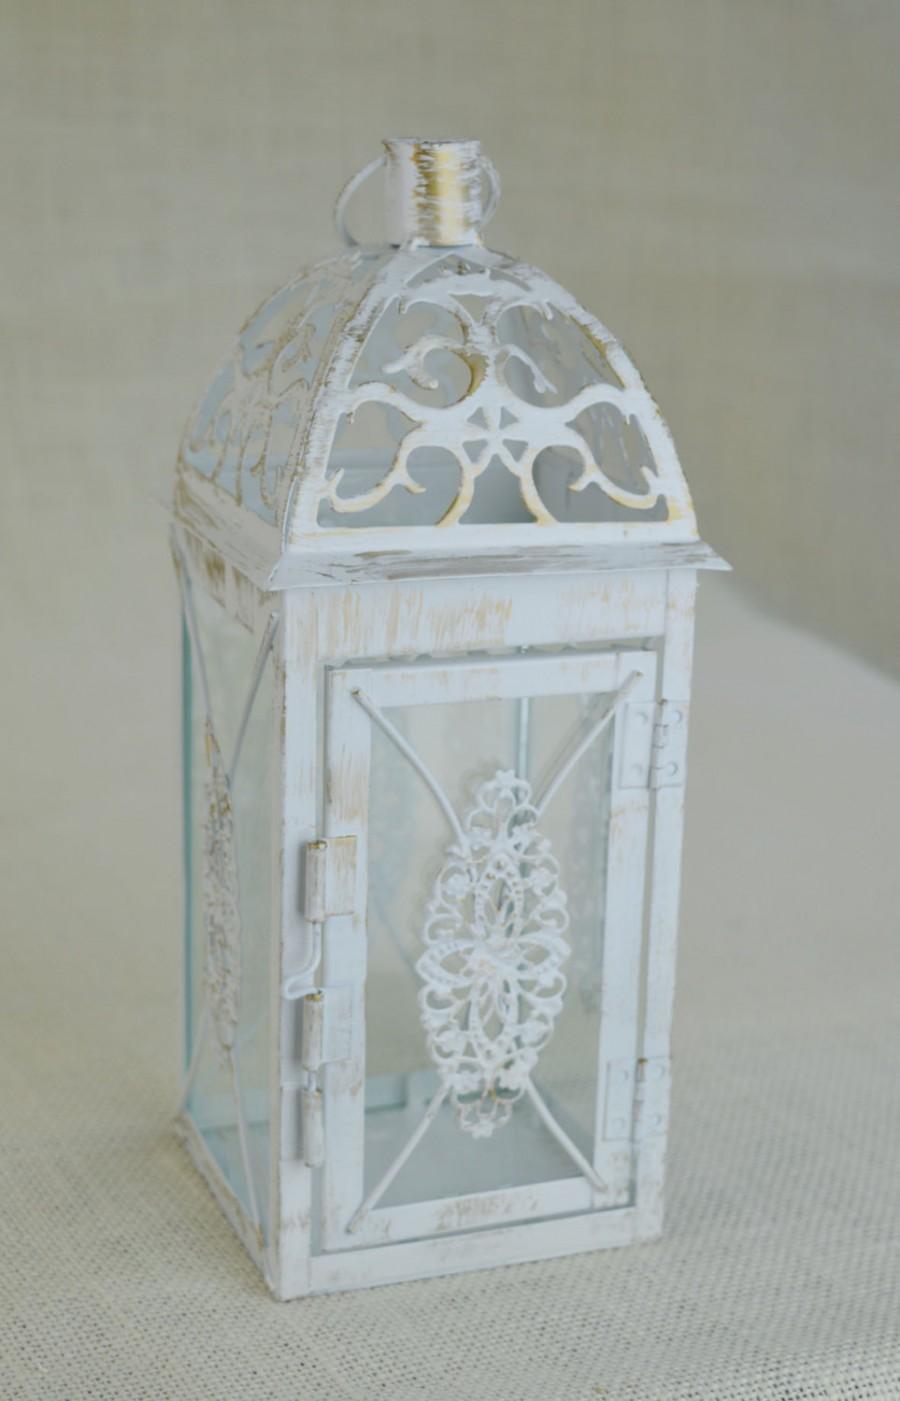 No L001 Wedding 10 1 2 Inch Lantern Centerpiece Vintage Antique